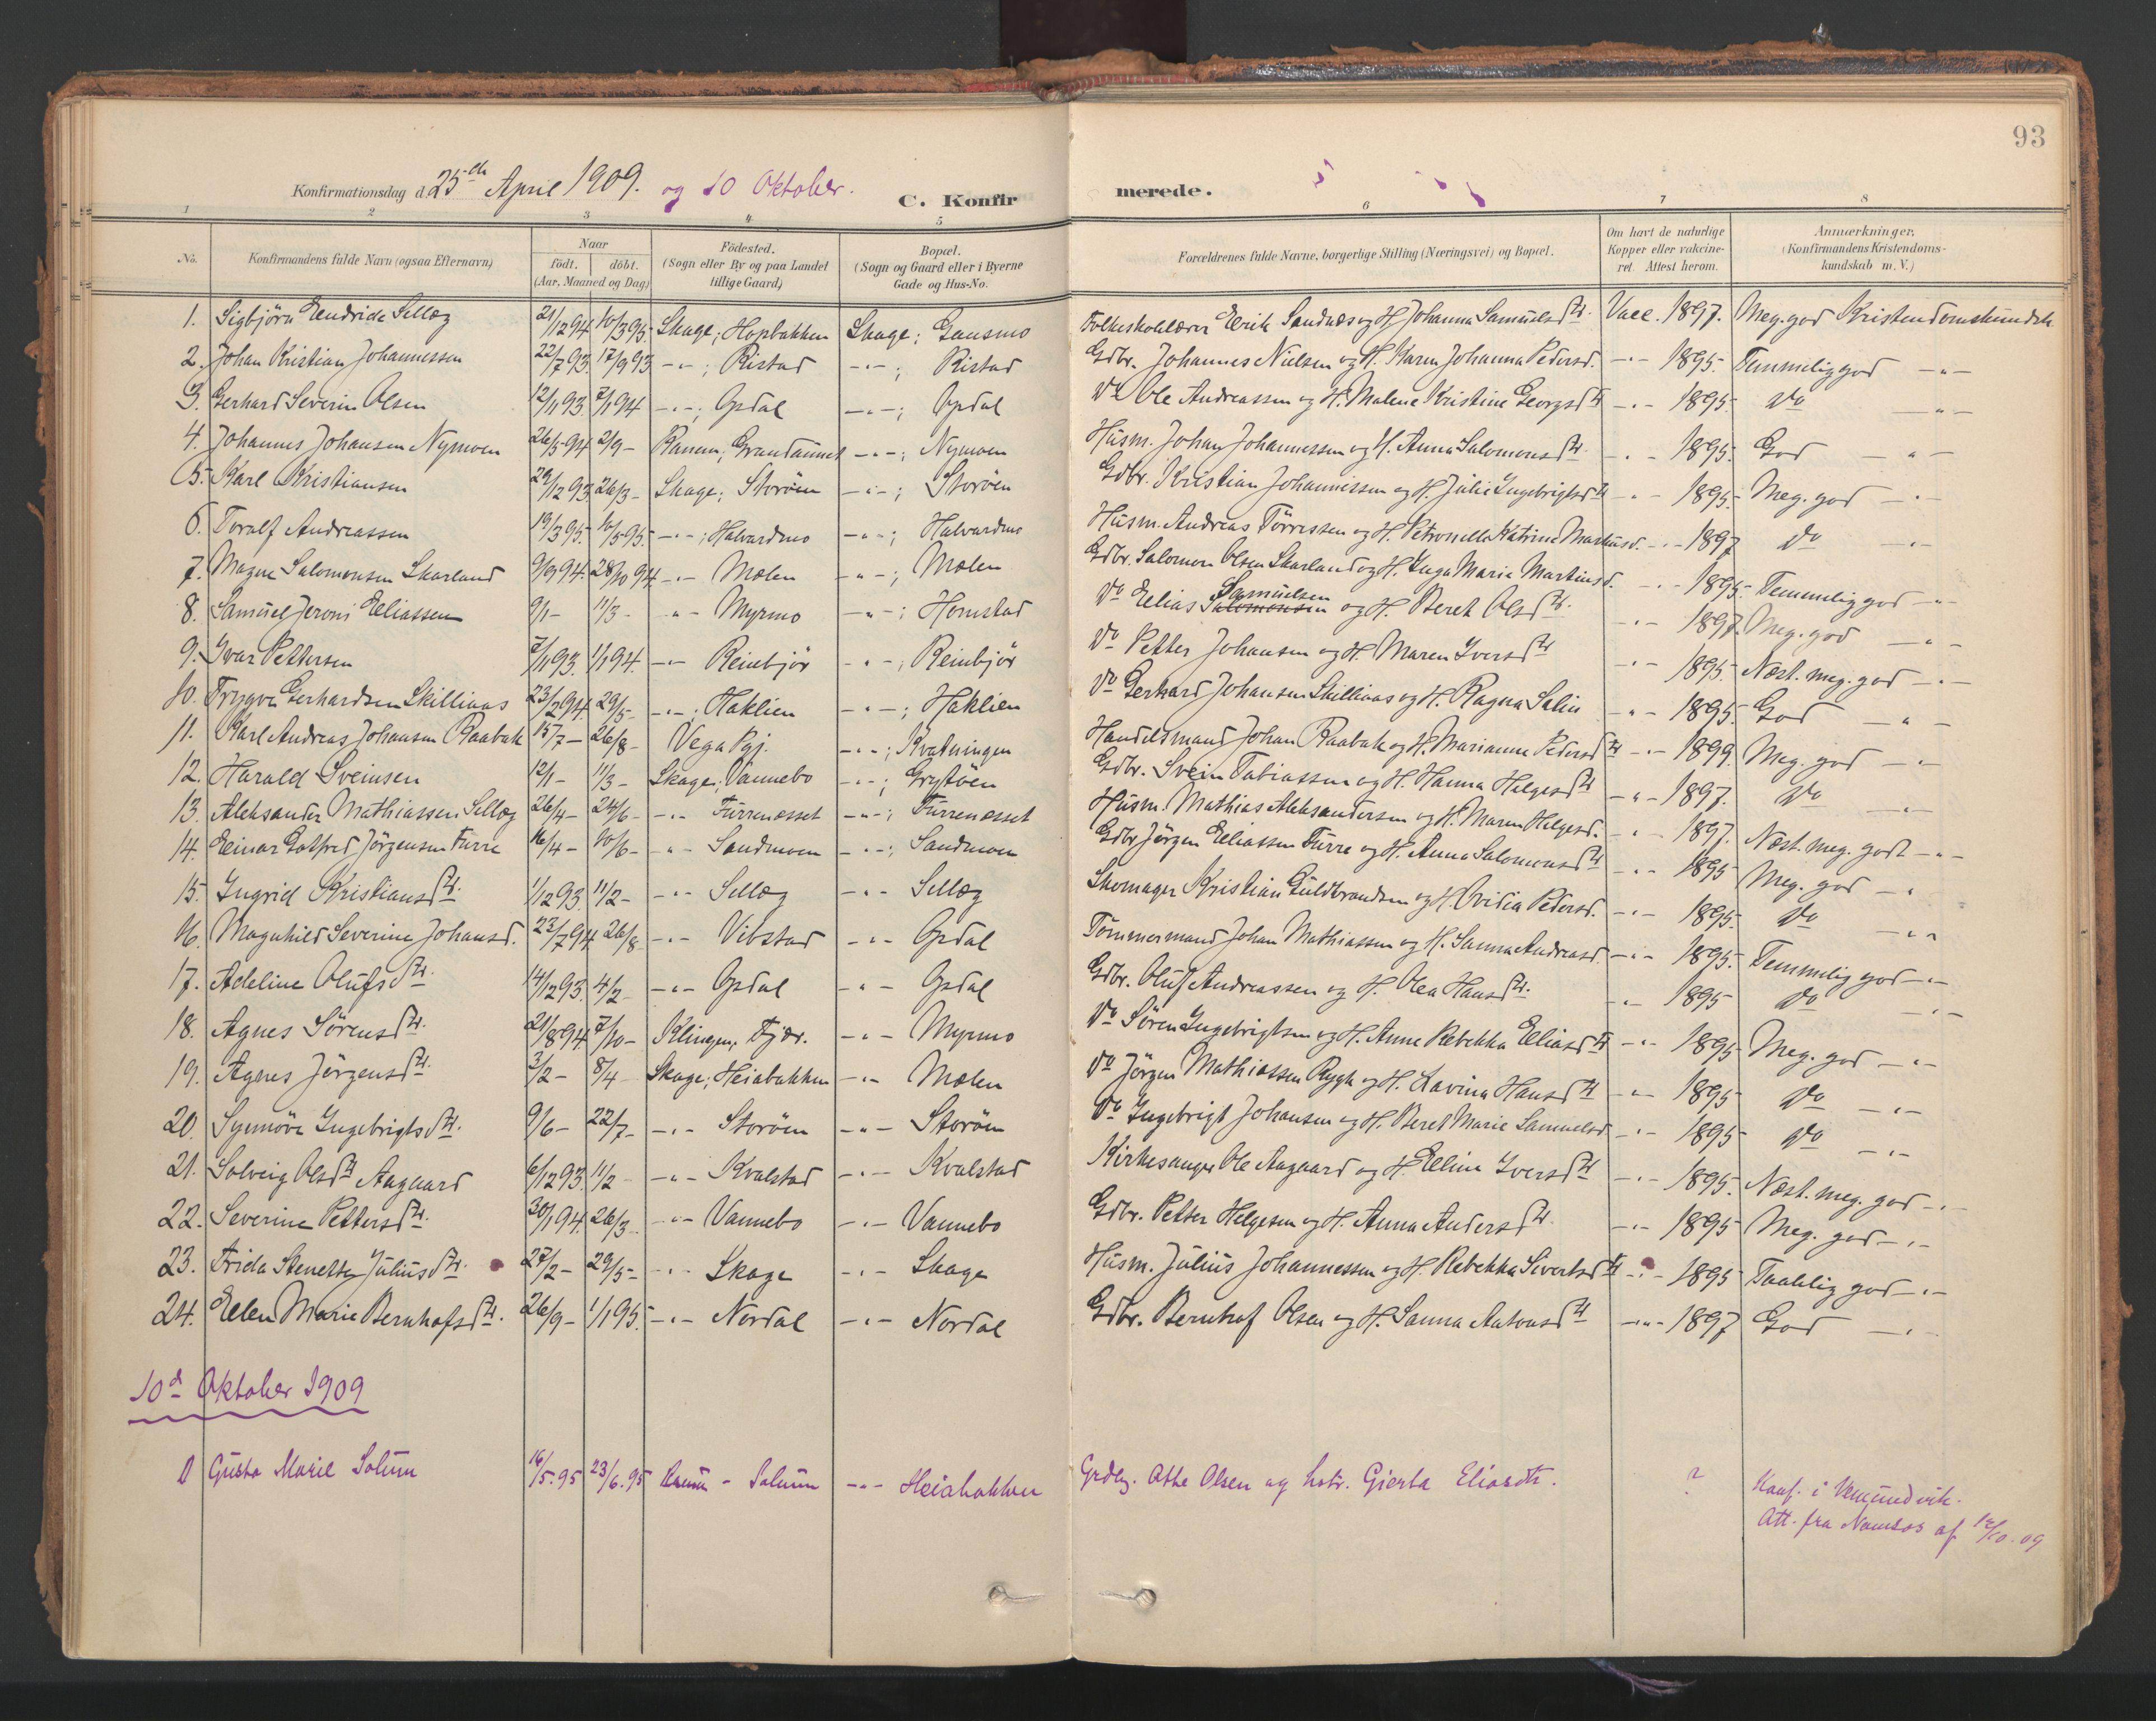 SAT, Ministerialprotokoller, klokkerbøker og fødselsregistre - Nord-Trøndelag, 766/L0564: Ministerialbok nr. 767A02, 1900-1932, s. 93